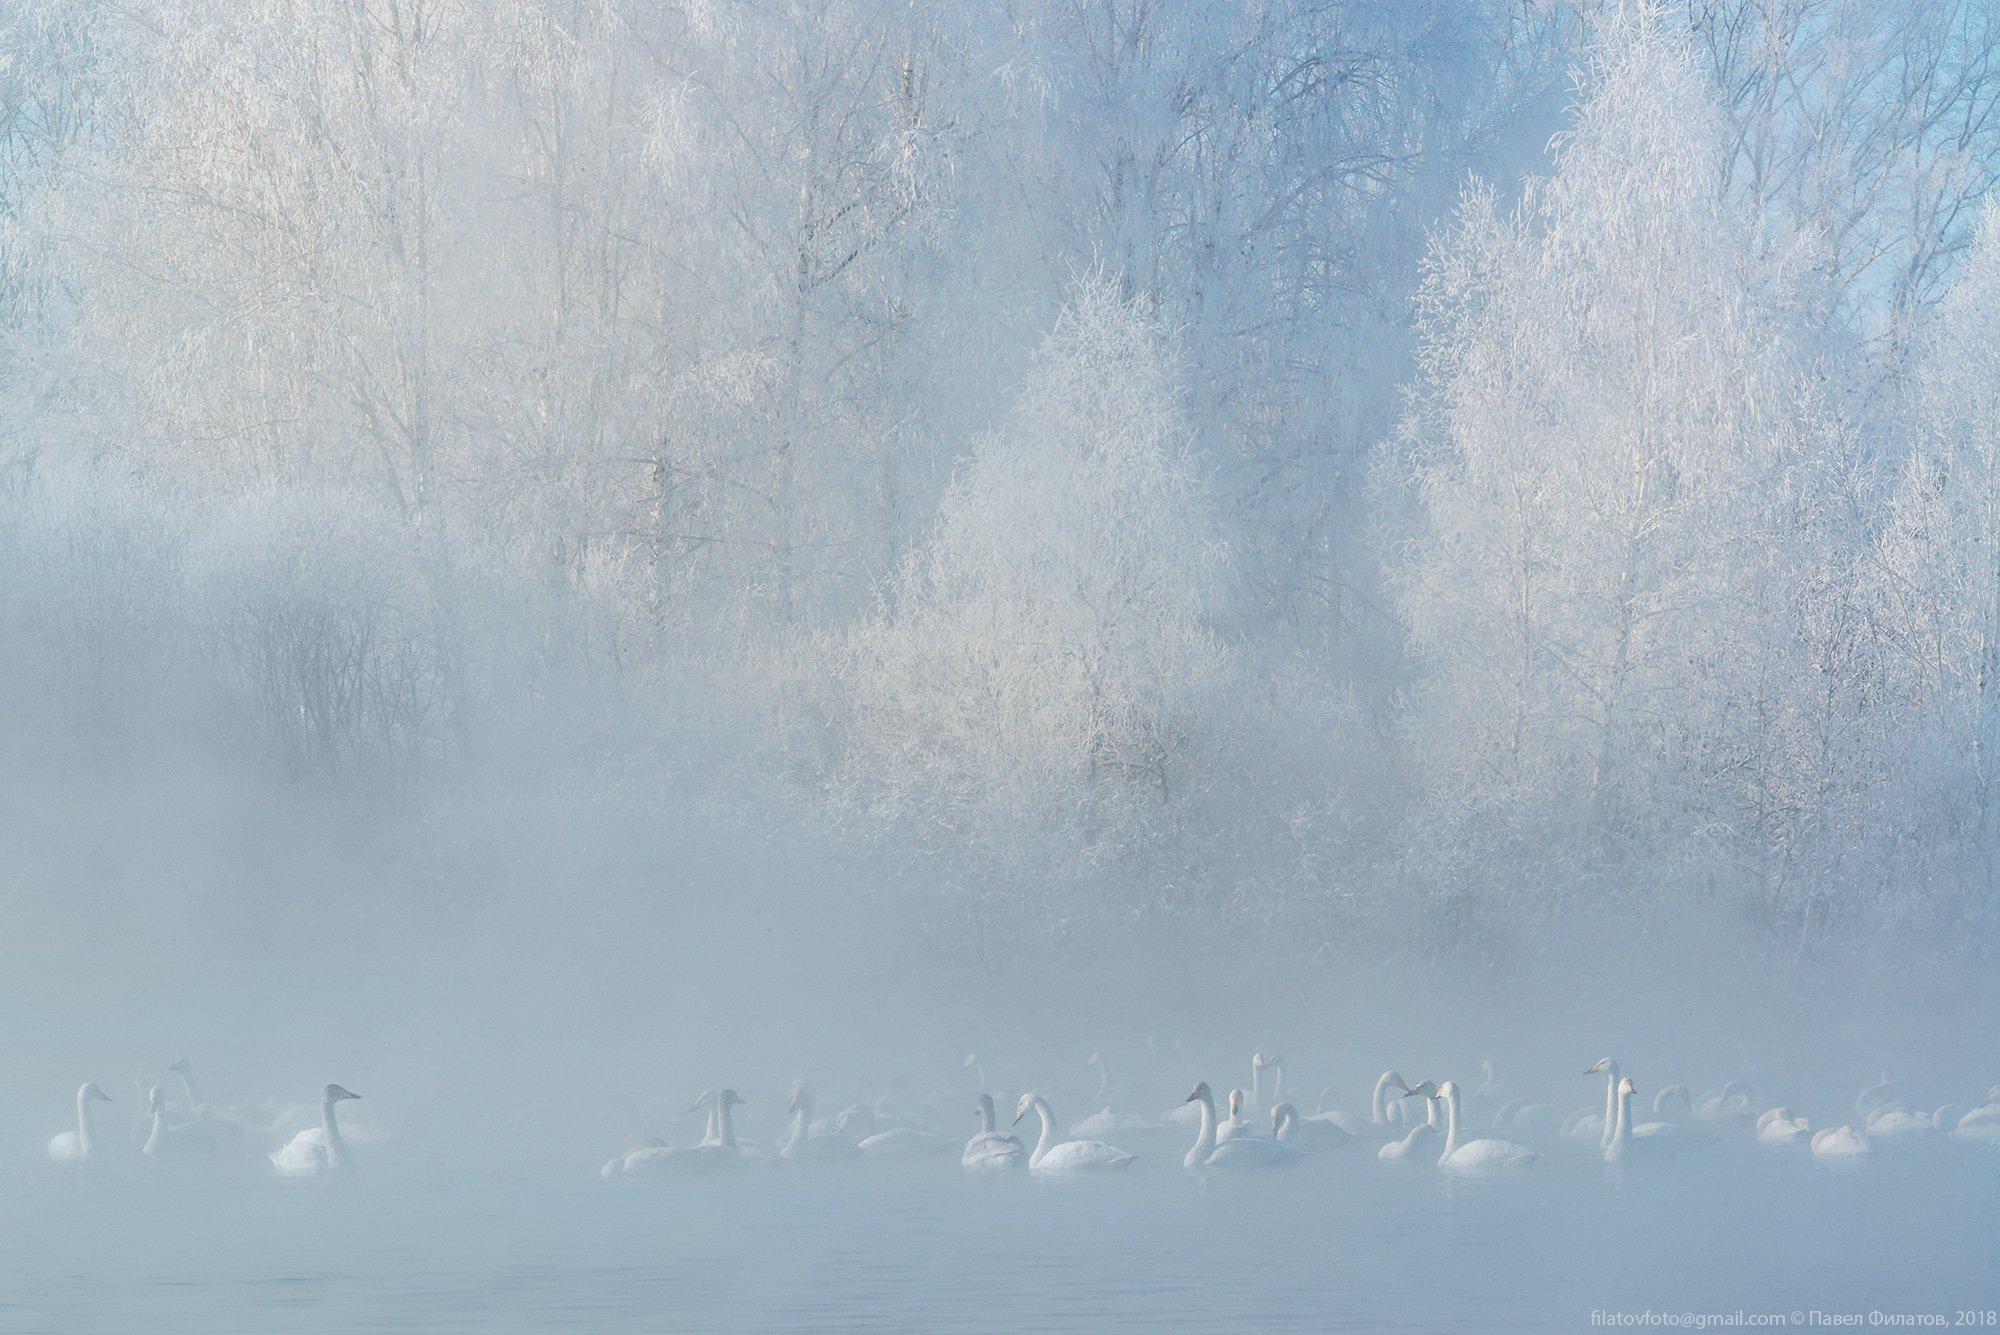 алтай, сибирь, лебеди, зима, мороз, стужа, светлое, лебединое, иней, туман, Павел Филатов